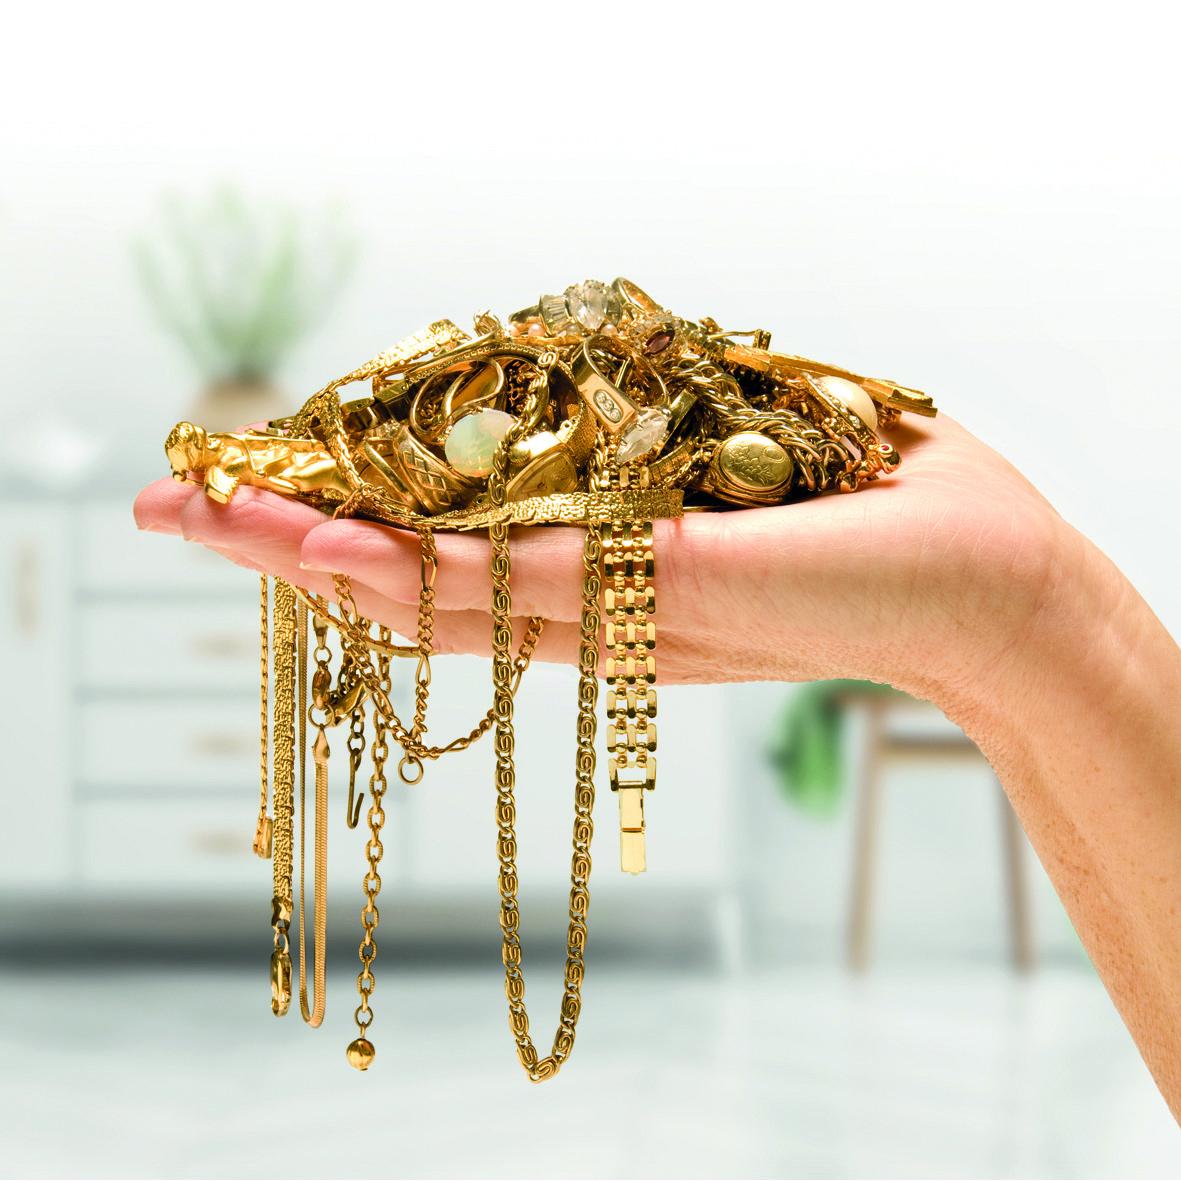 degussa erweitert niederlassung hamburg um neues altgoldzentrum degussa goldhandel. Black Bedroom Furniture Sets. Home Design Ideas